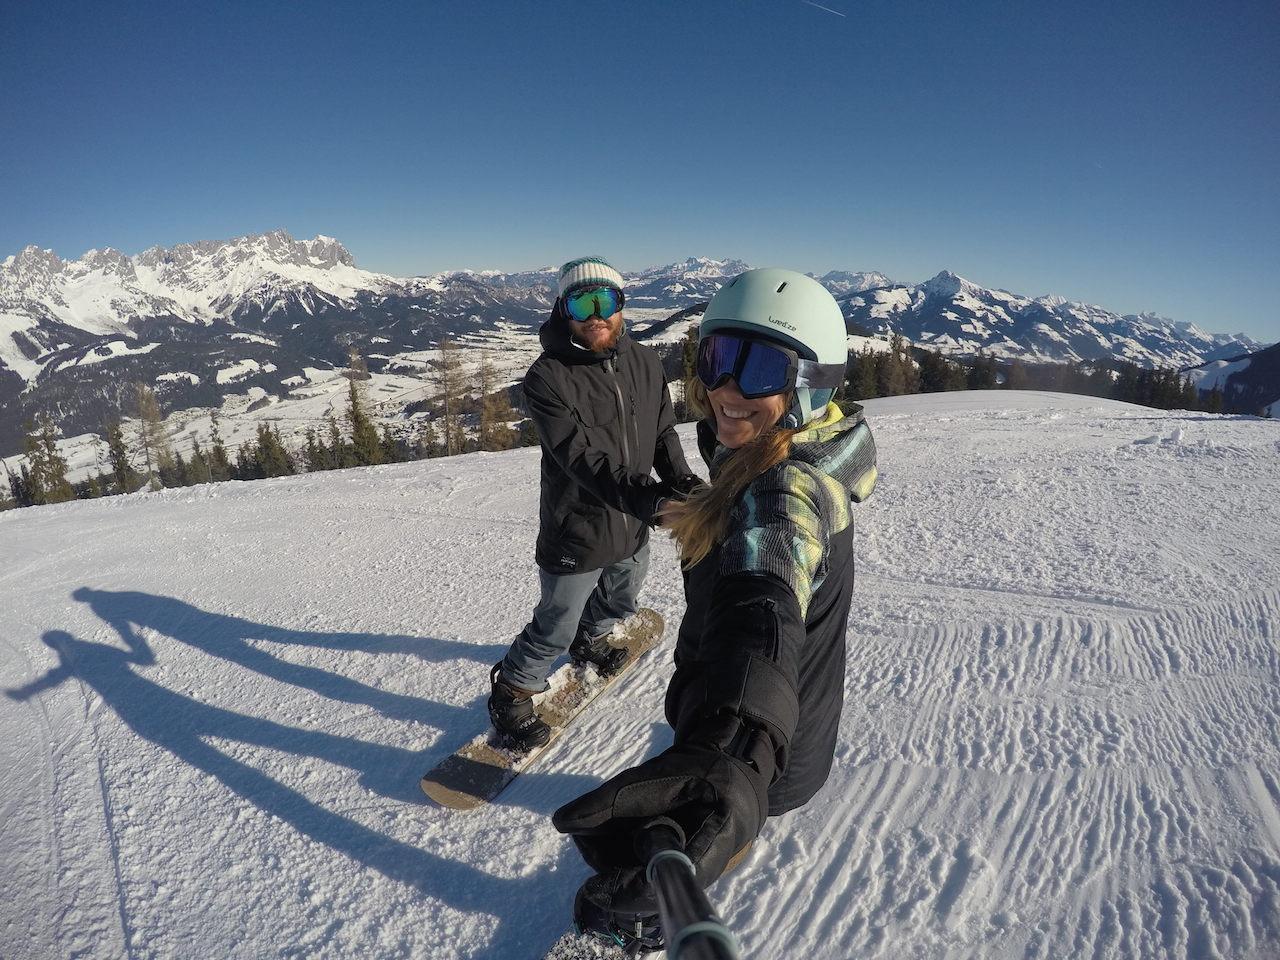 Montanhas da Austria - muito esporte e natuerza pelo país